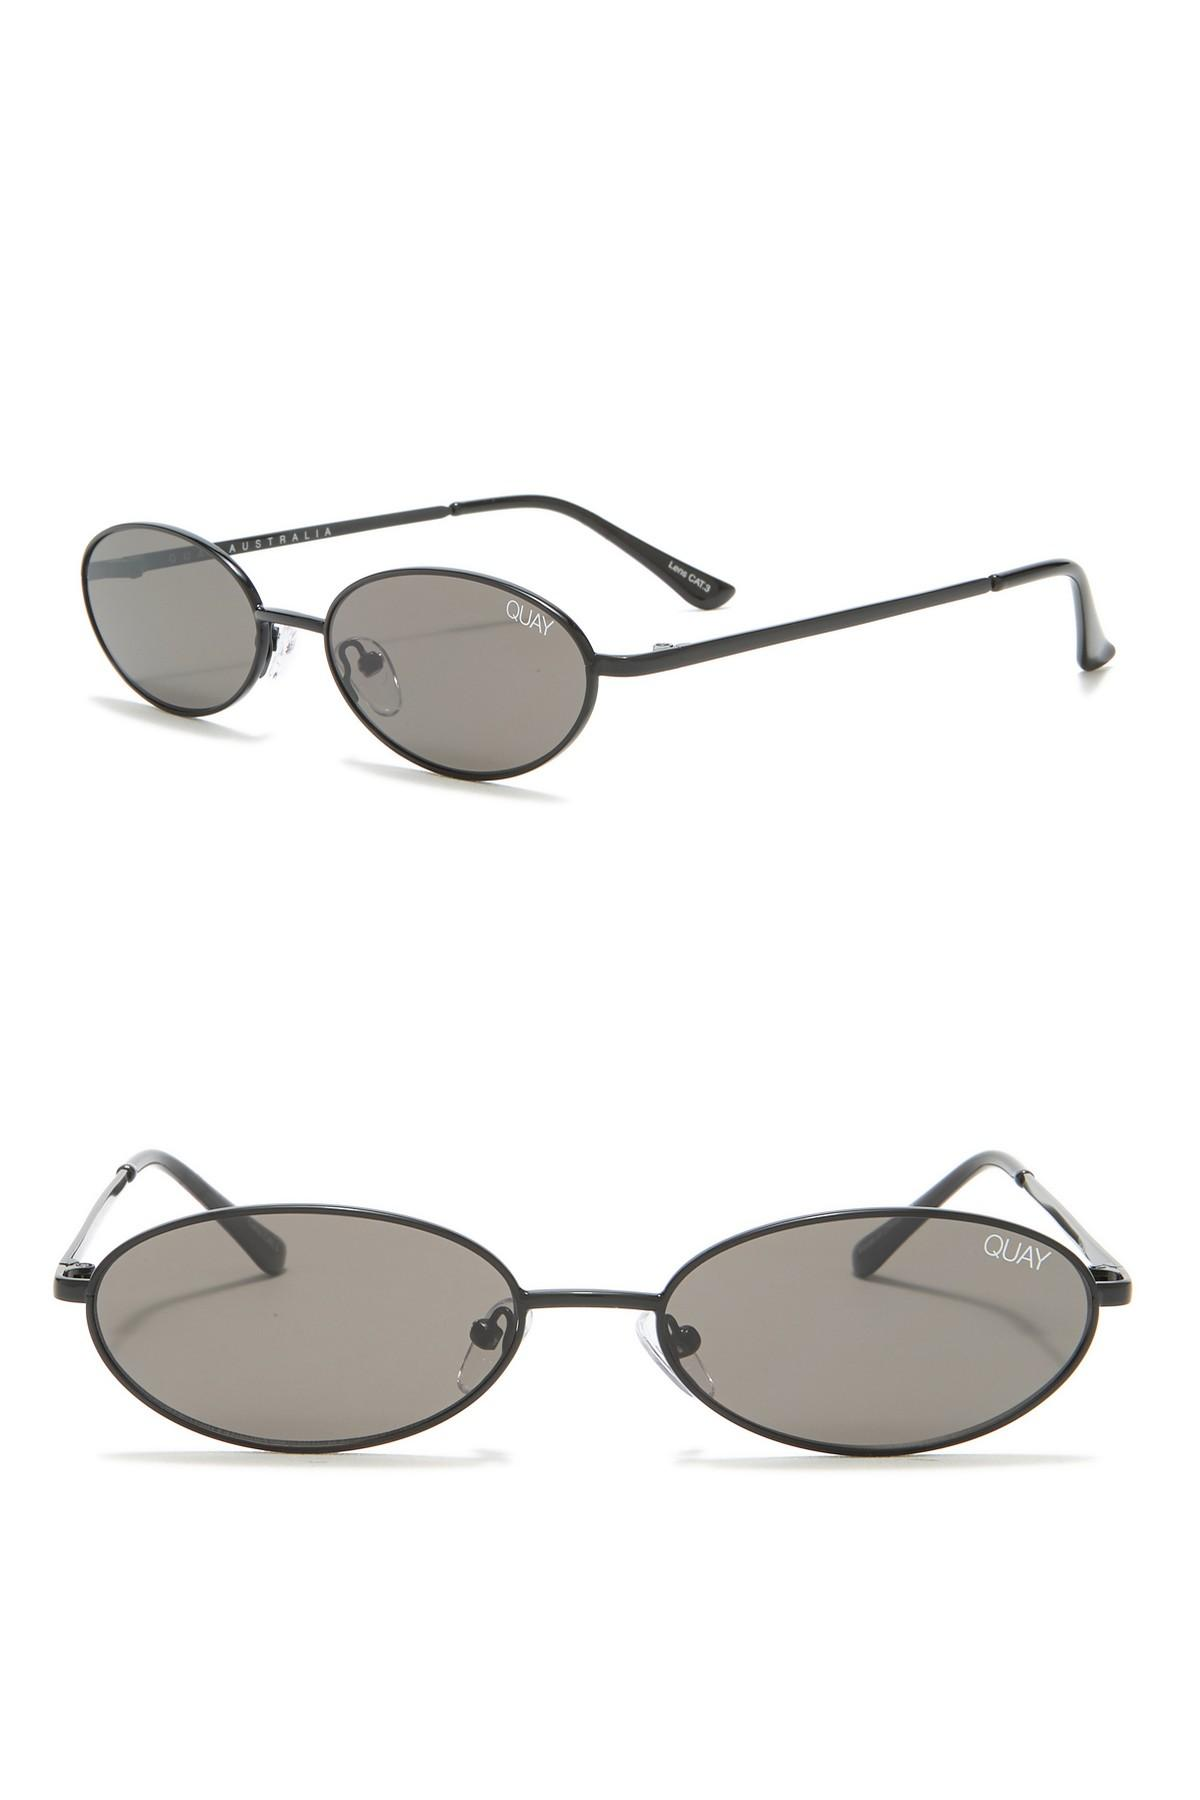 633f56e5f2f5c Quay - Multicolor Clout 30mm Sunglasses - Lyst. View fullscreen